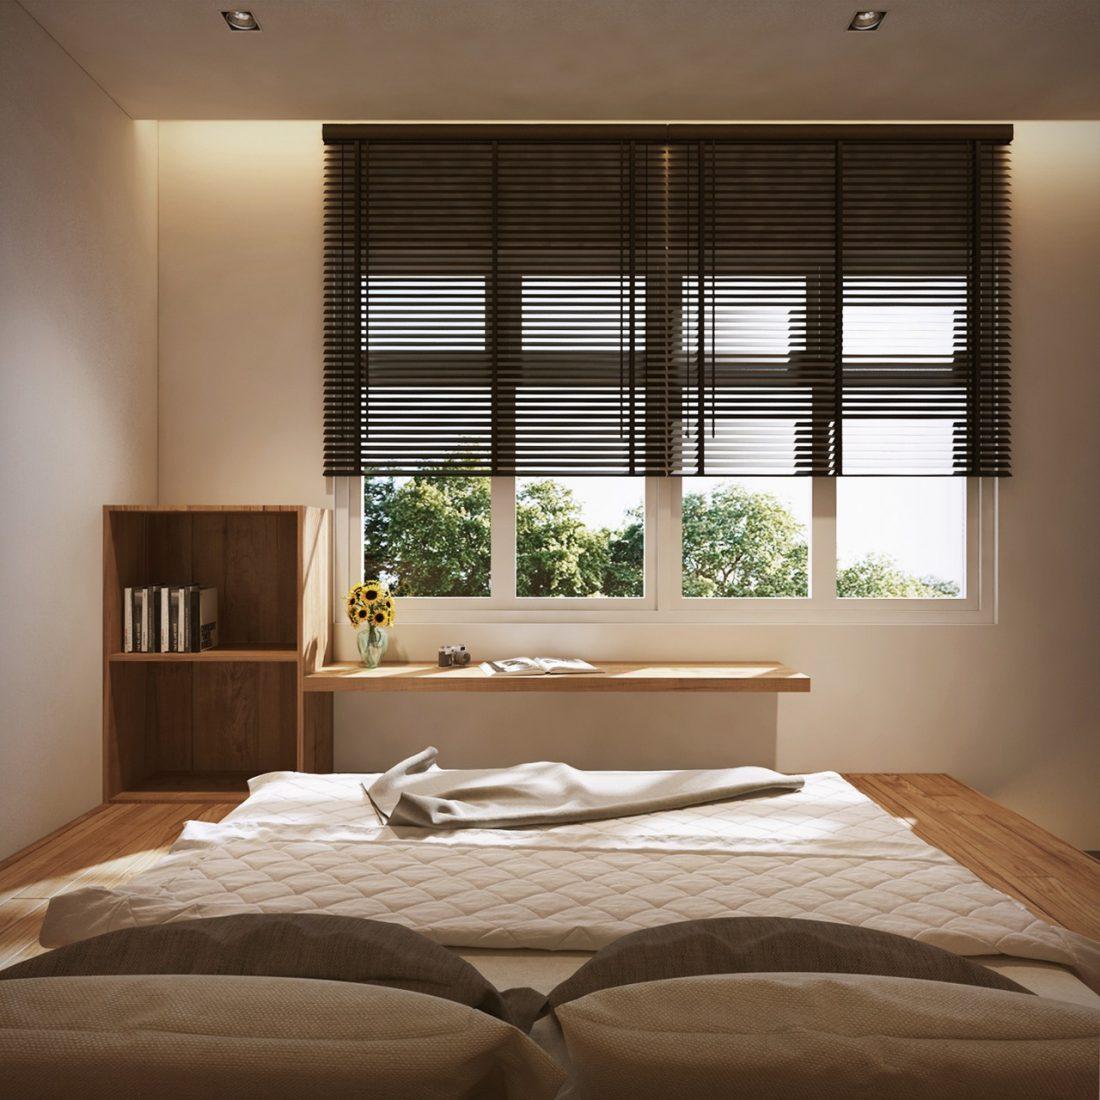 ... Interior Design SA65 Simpang Ampat Penang Malaysia Bedroom Design 1 V2  ...